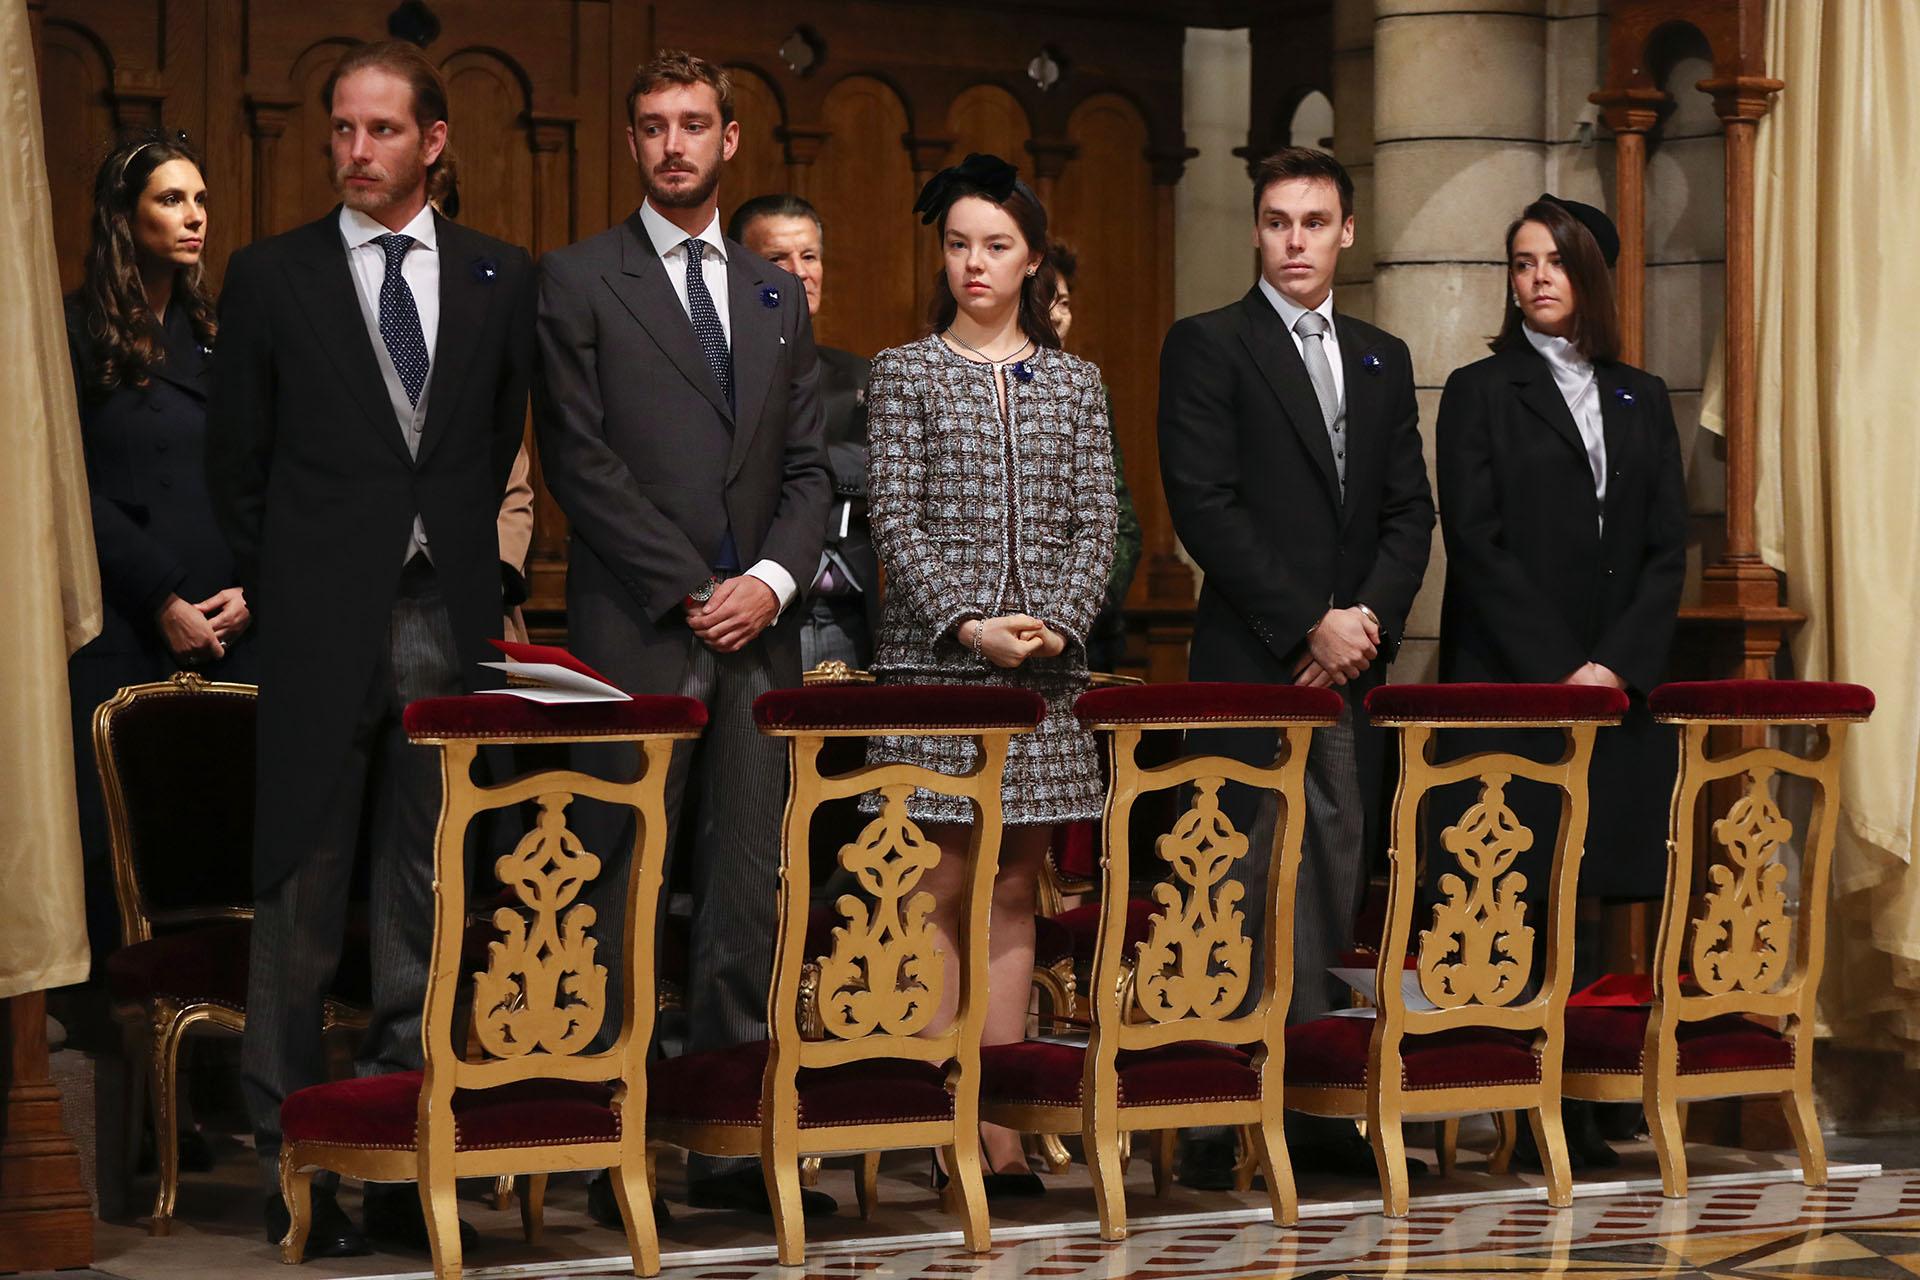 Andrea y Pierre Casiraghi, Alexandra de Hanover, y Louis y Pauline Ducruet